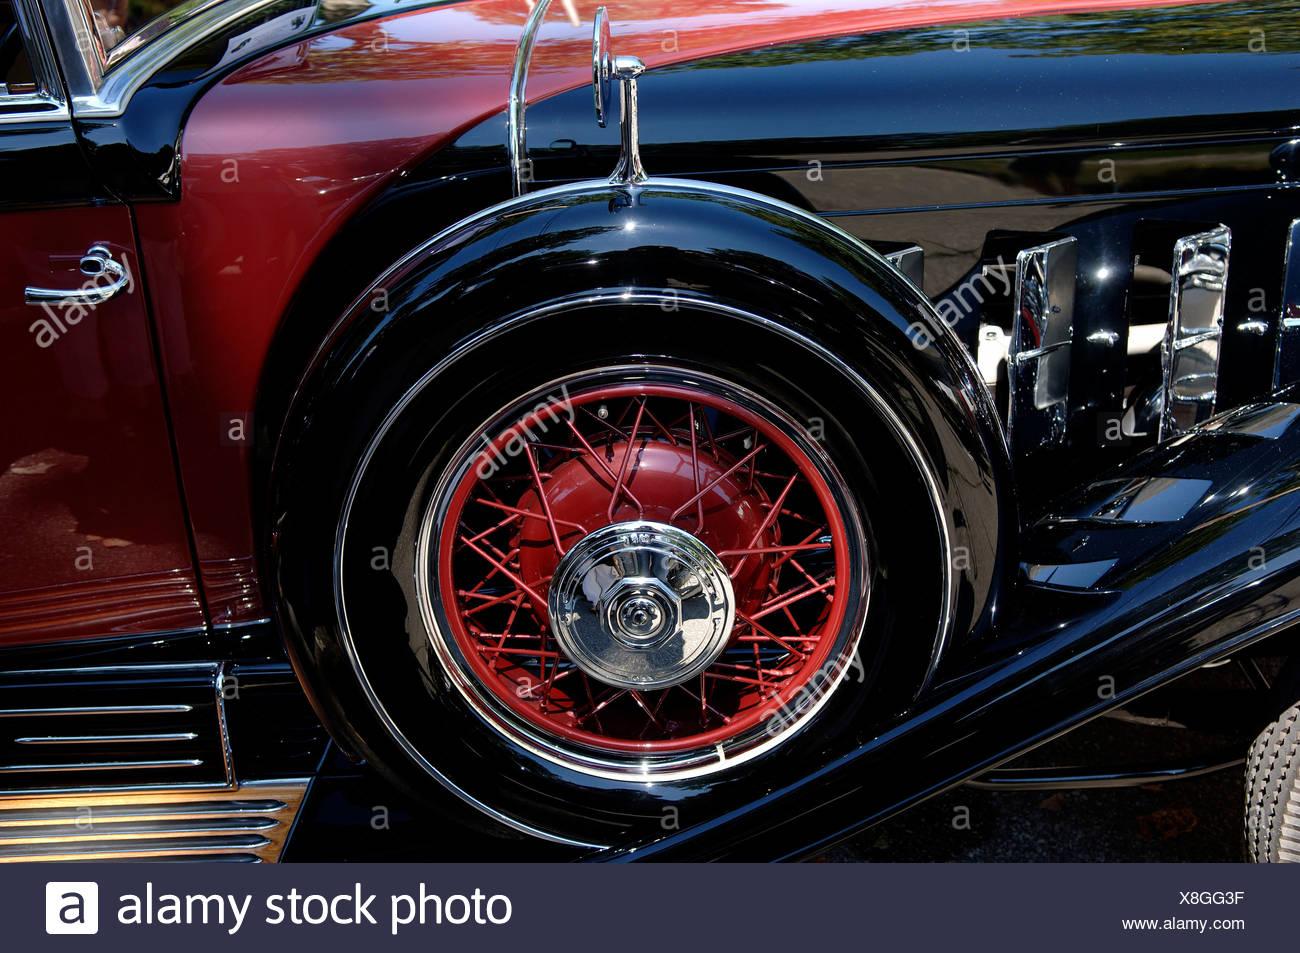 l7.alamy.com/comp/X8GG3F/reserverad-1930-cadillac-...